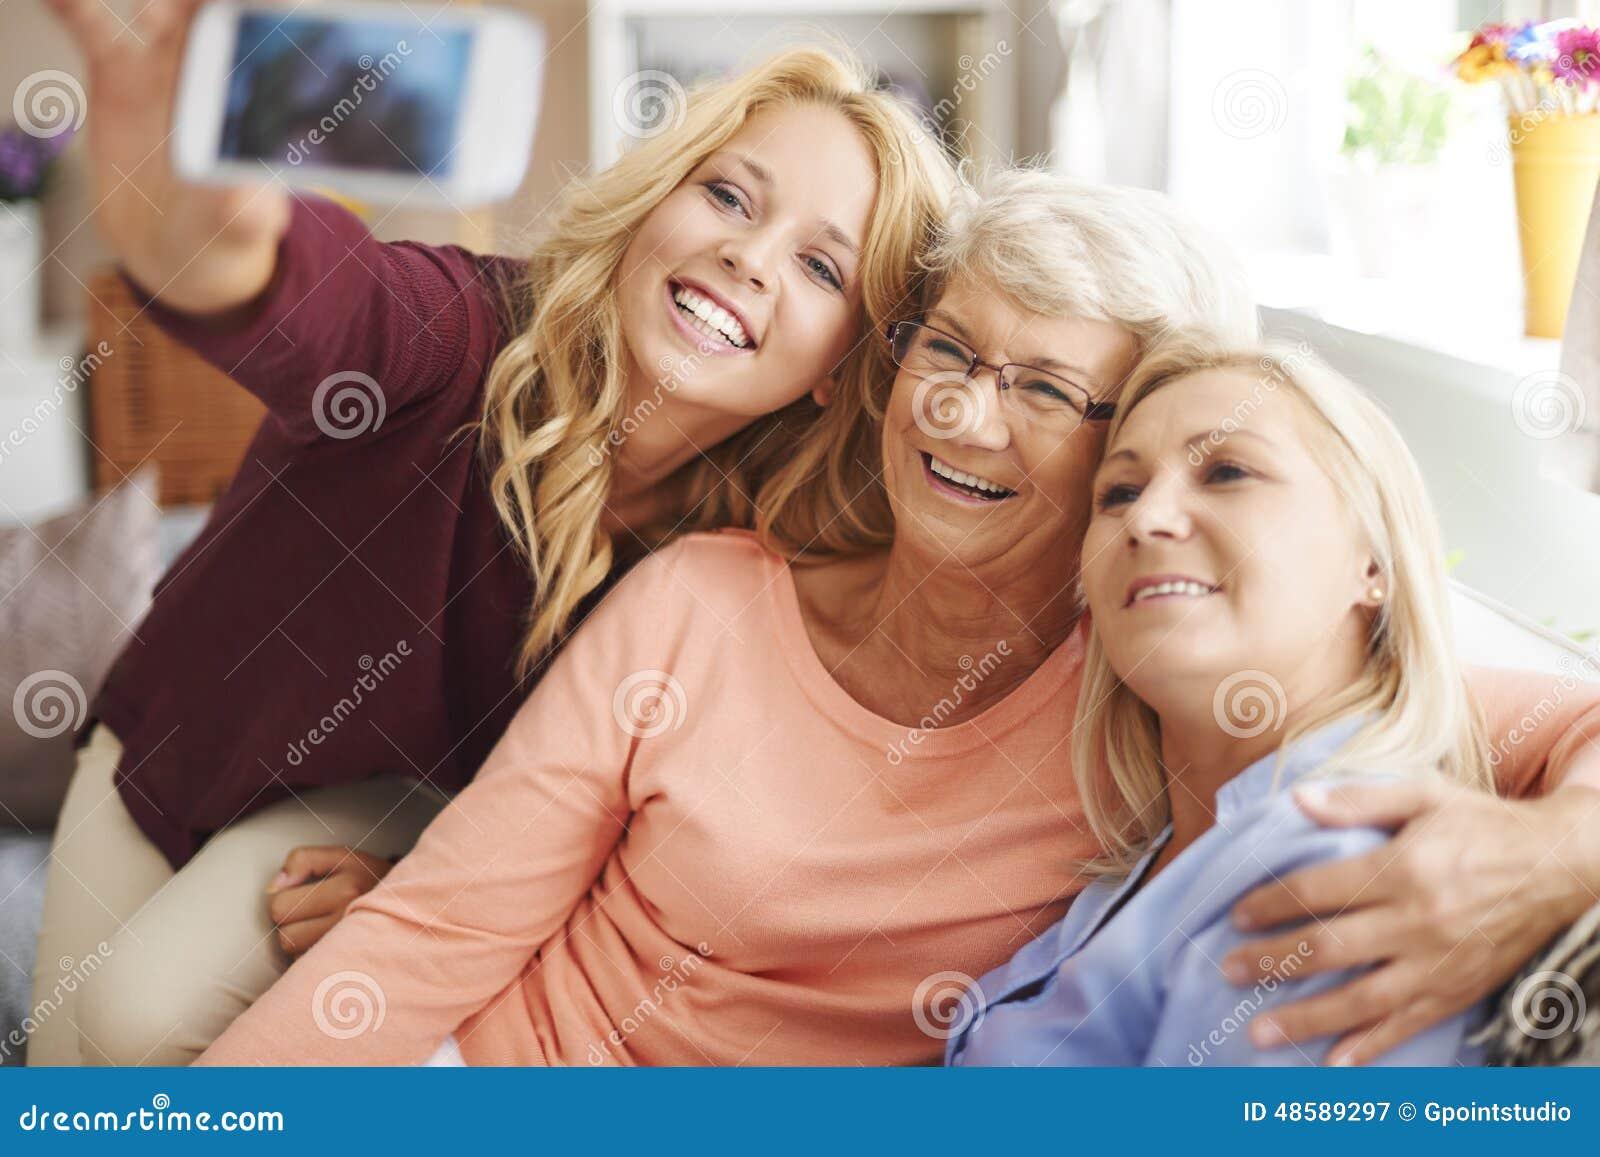 Selfie met mamma en oma